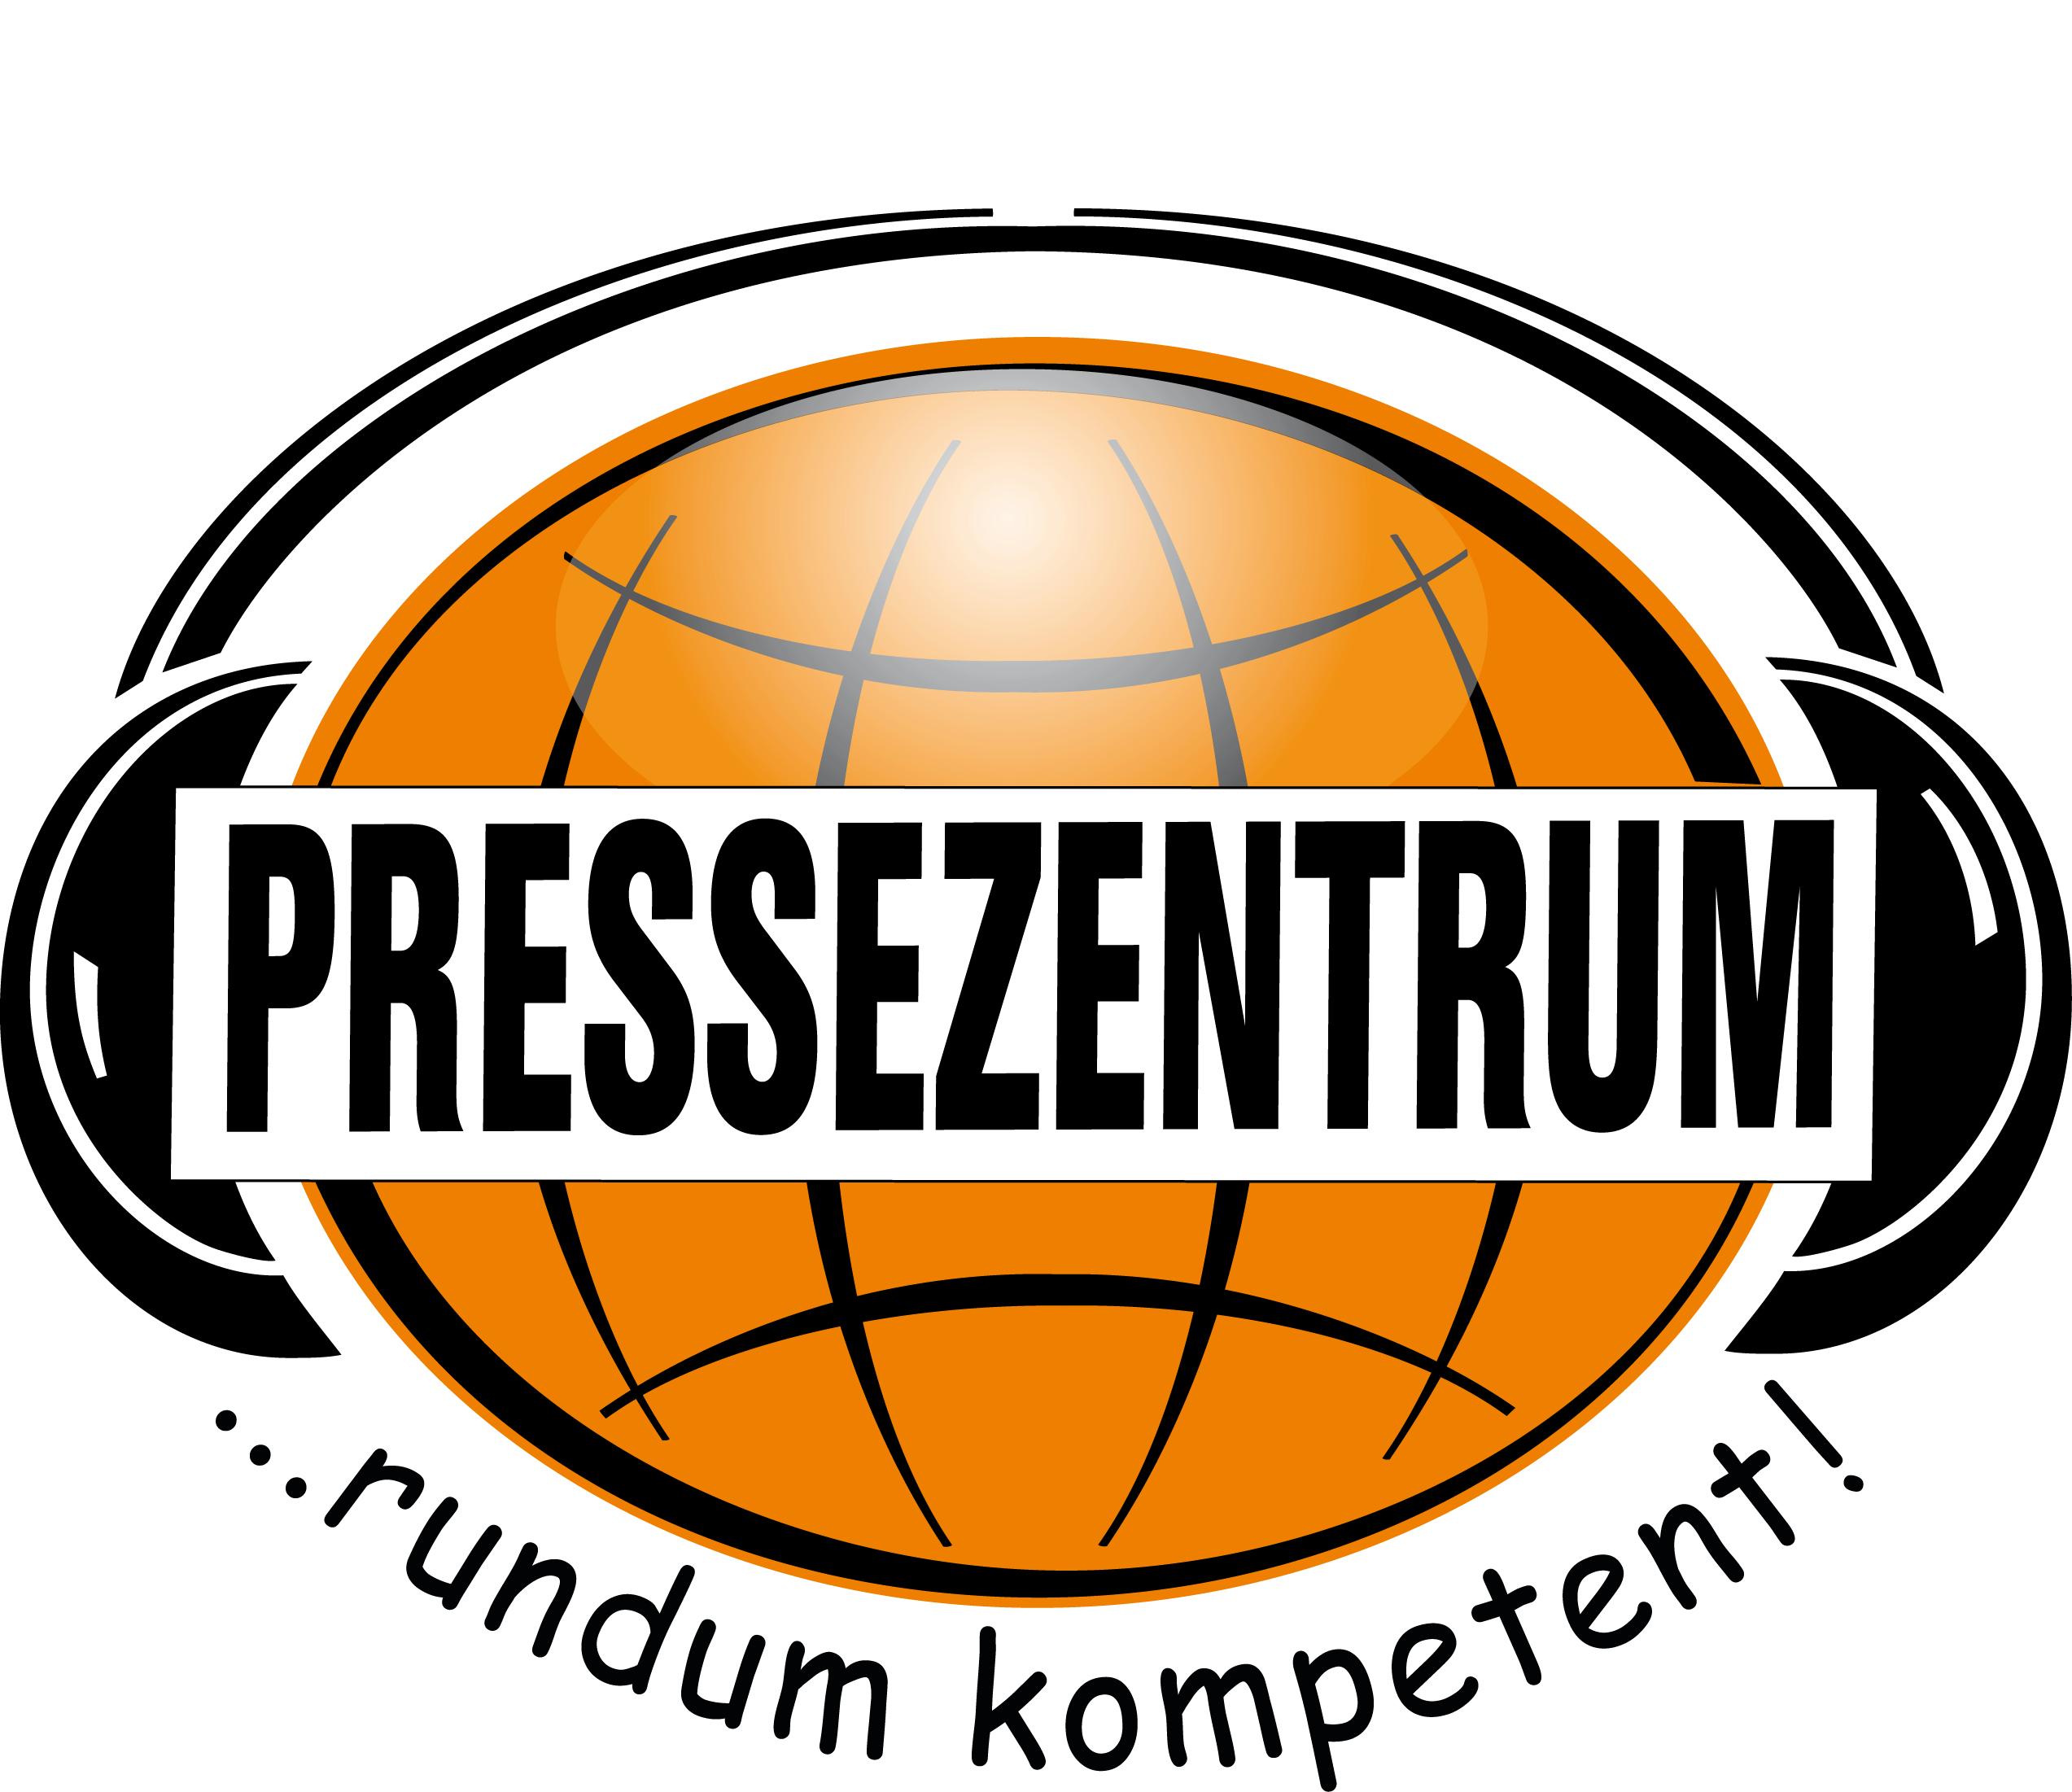 [Lokal] [Lübeck] Pressezentrum: Ab 05.01. 50% auf alle Bücher, CDs, LPs, DVDs, Blu-rays